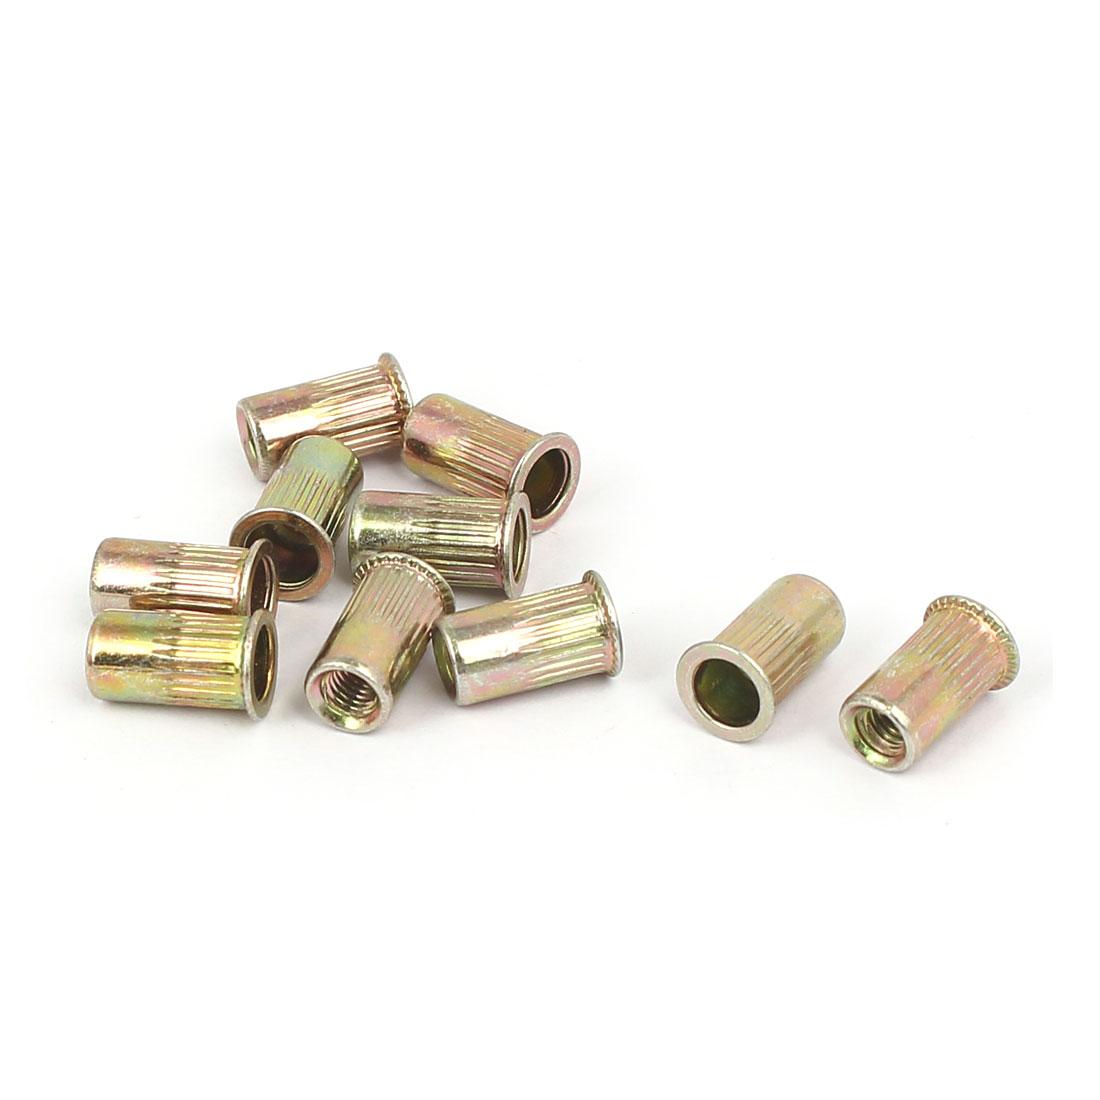 Metal Countersunk Flat Head Knurled Rivet Nut Insert Nutsert M3x9mm 10pcs